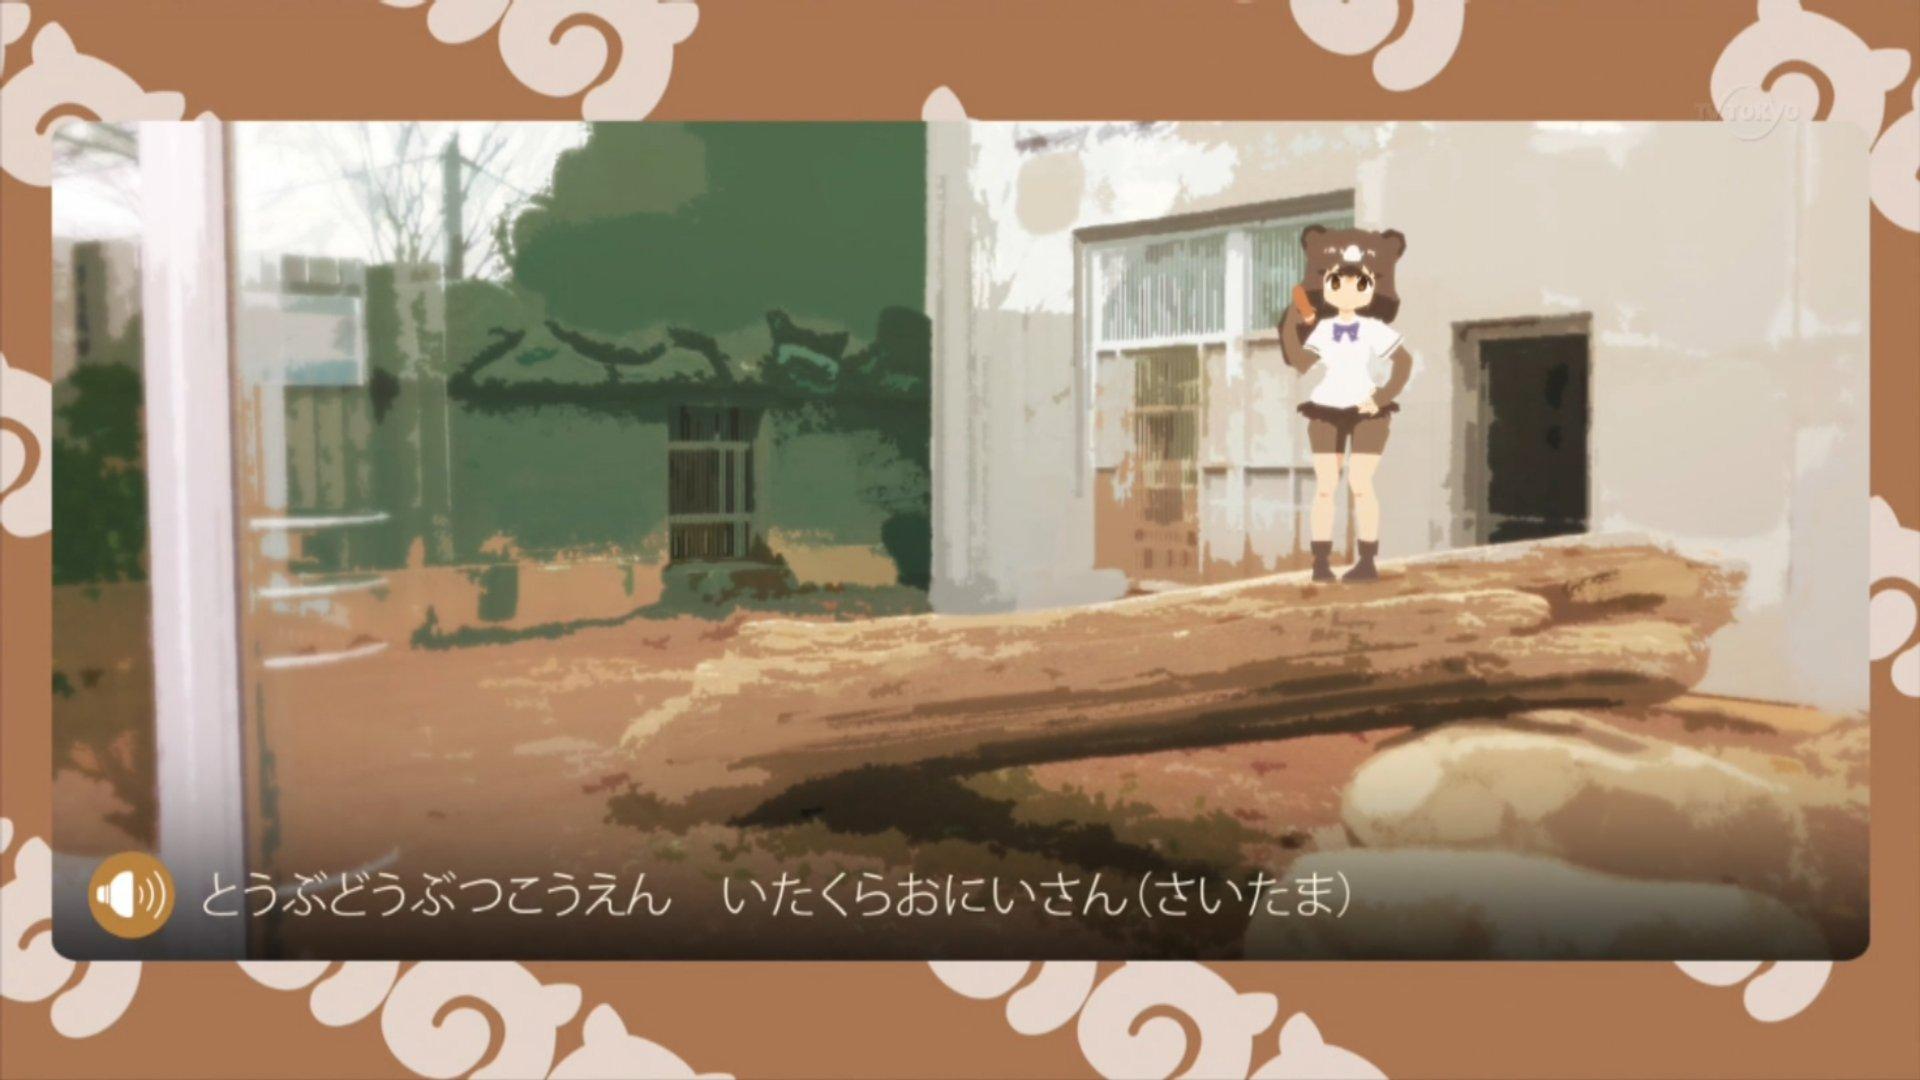 いたくらおにいさん(さいたま) #けものフレンズ #けもフレ #kemo_anime #tvtokyo https://t.co/KfWMYmso4t